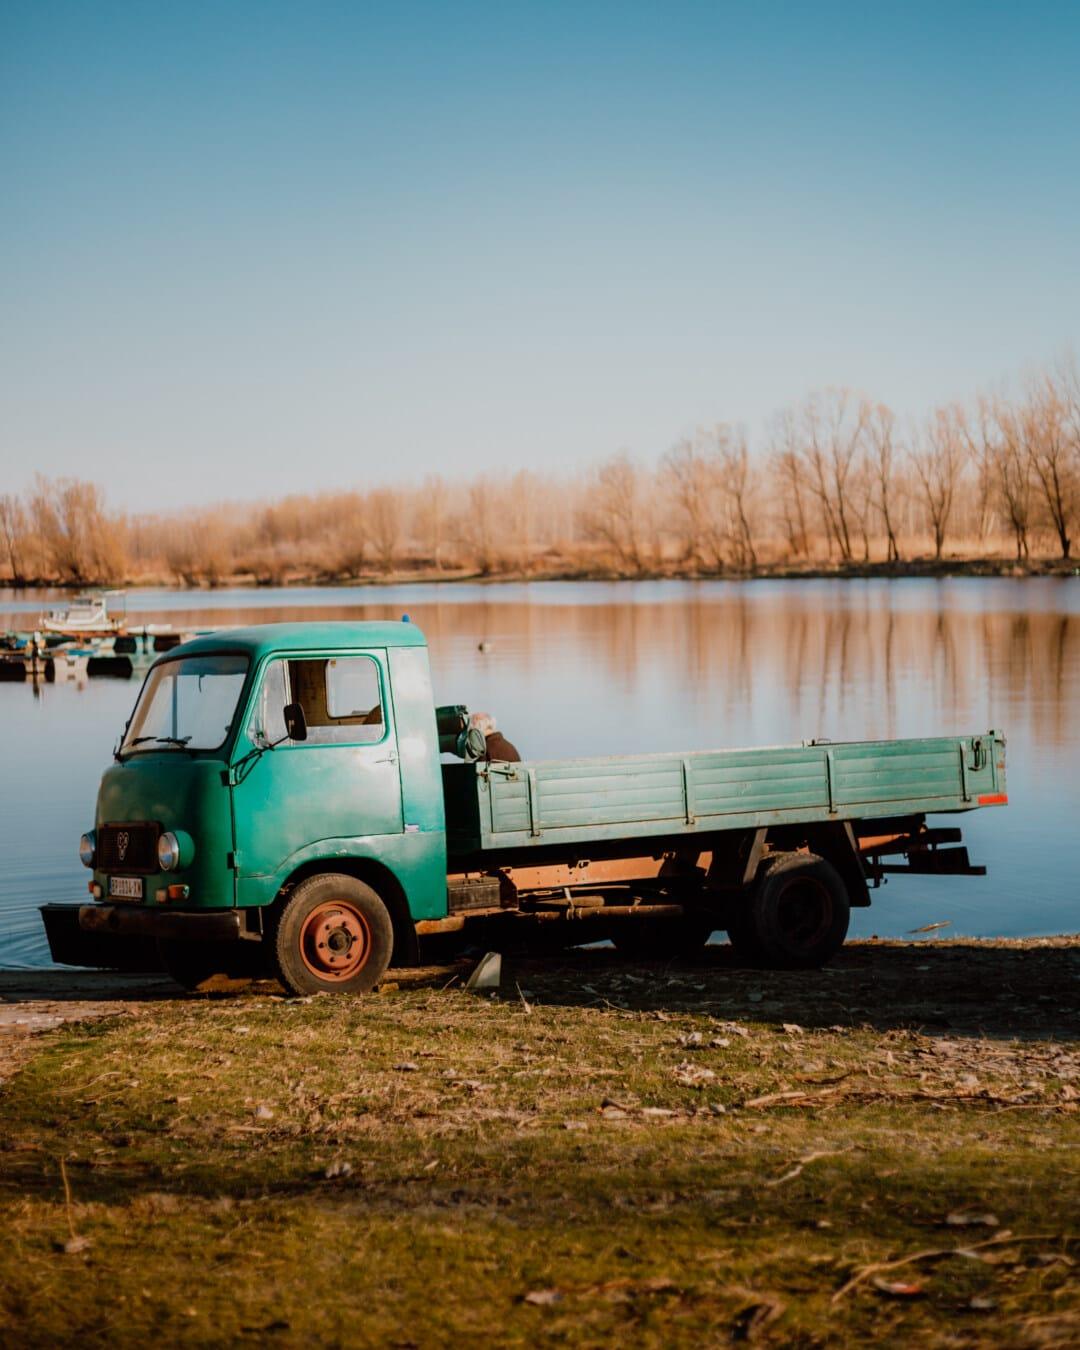 camion, logistique, vieux, transport, plage, machine, véhicule, remorque, expédition, Lac